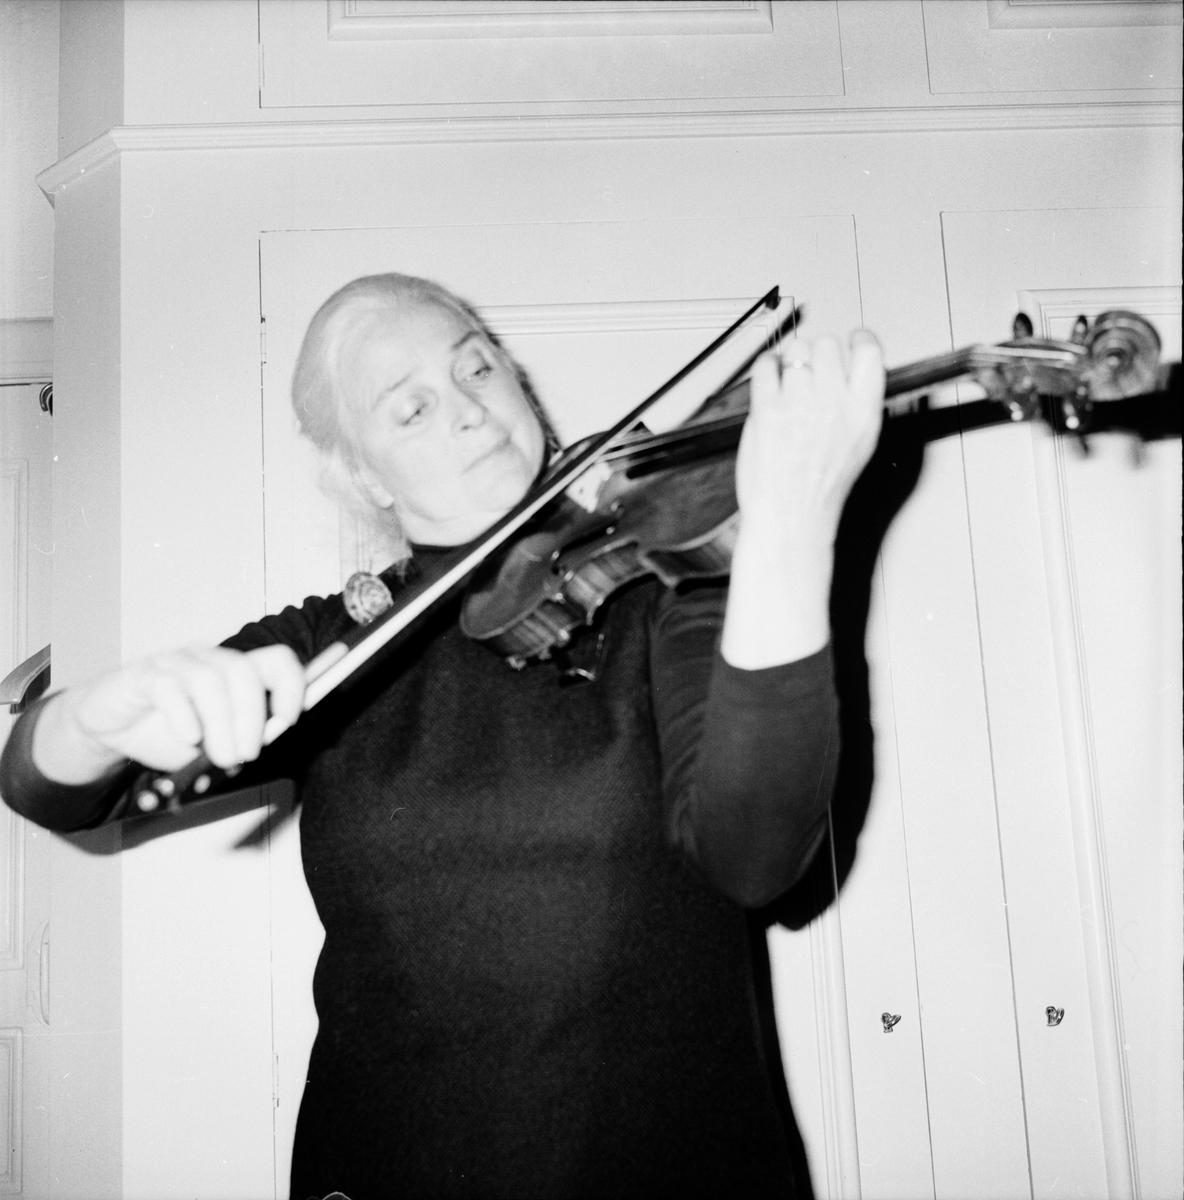 Undersvik, Konsert i kyrkan, Gävle Heliga Tref. Symfoniker, 22 Sept 1972